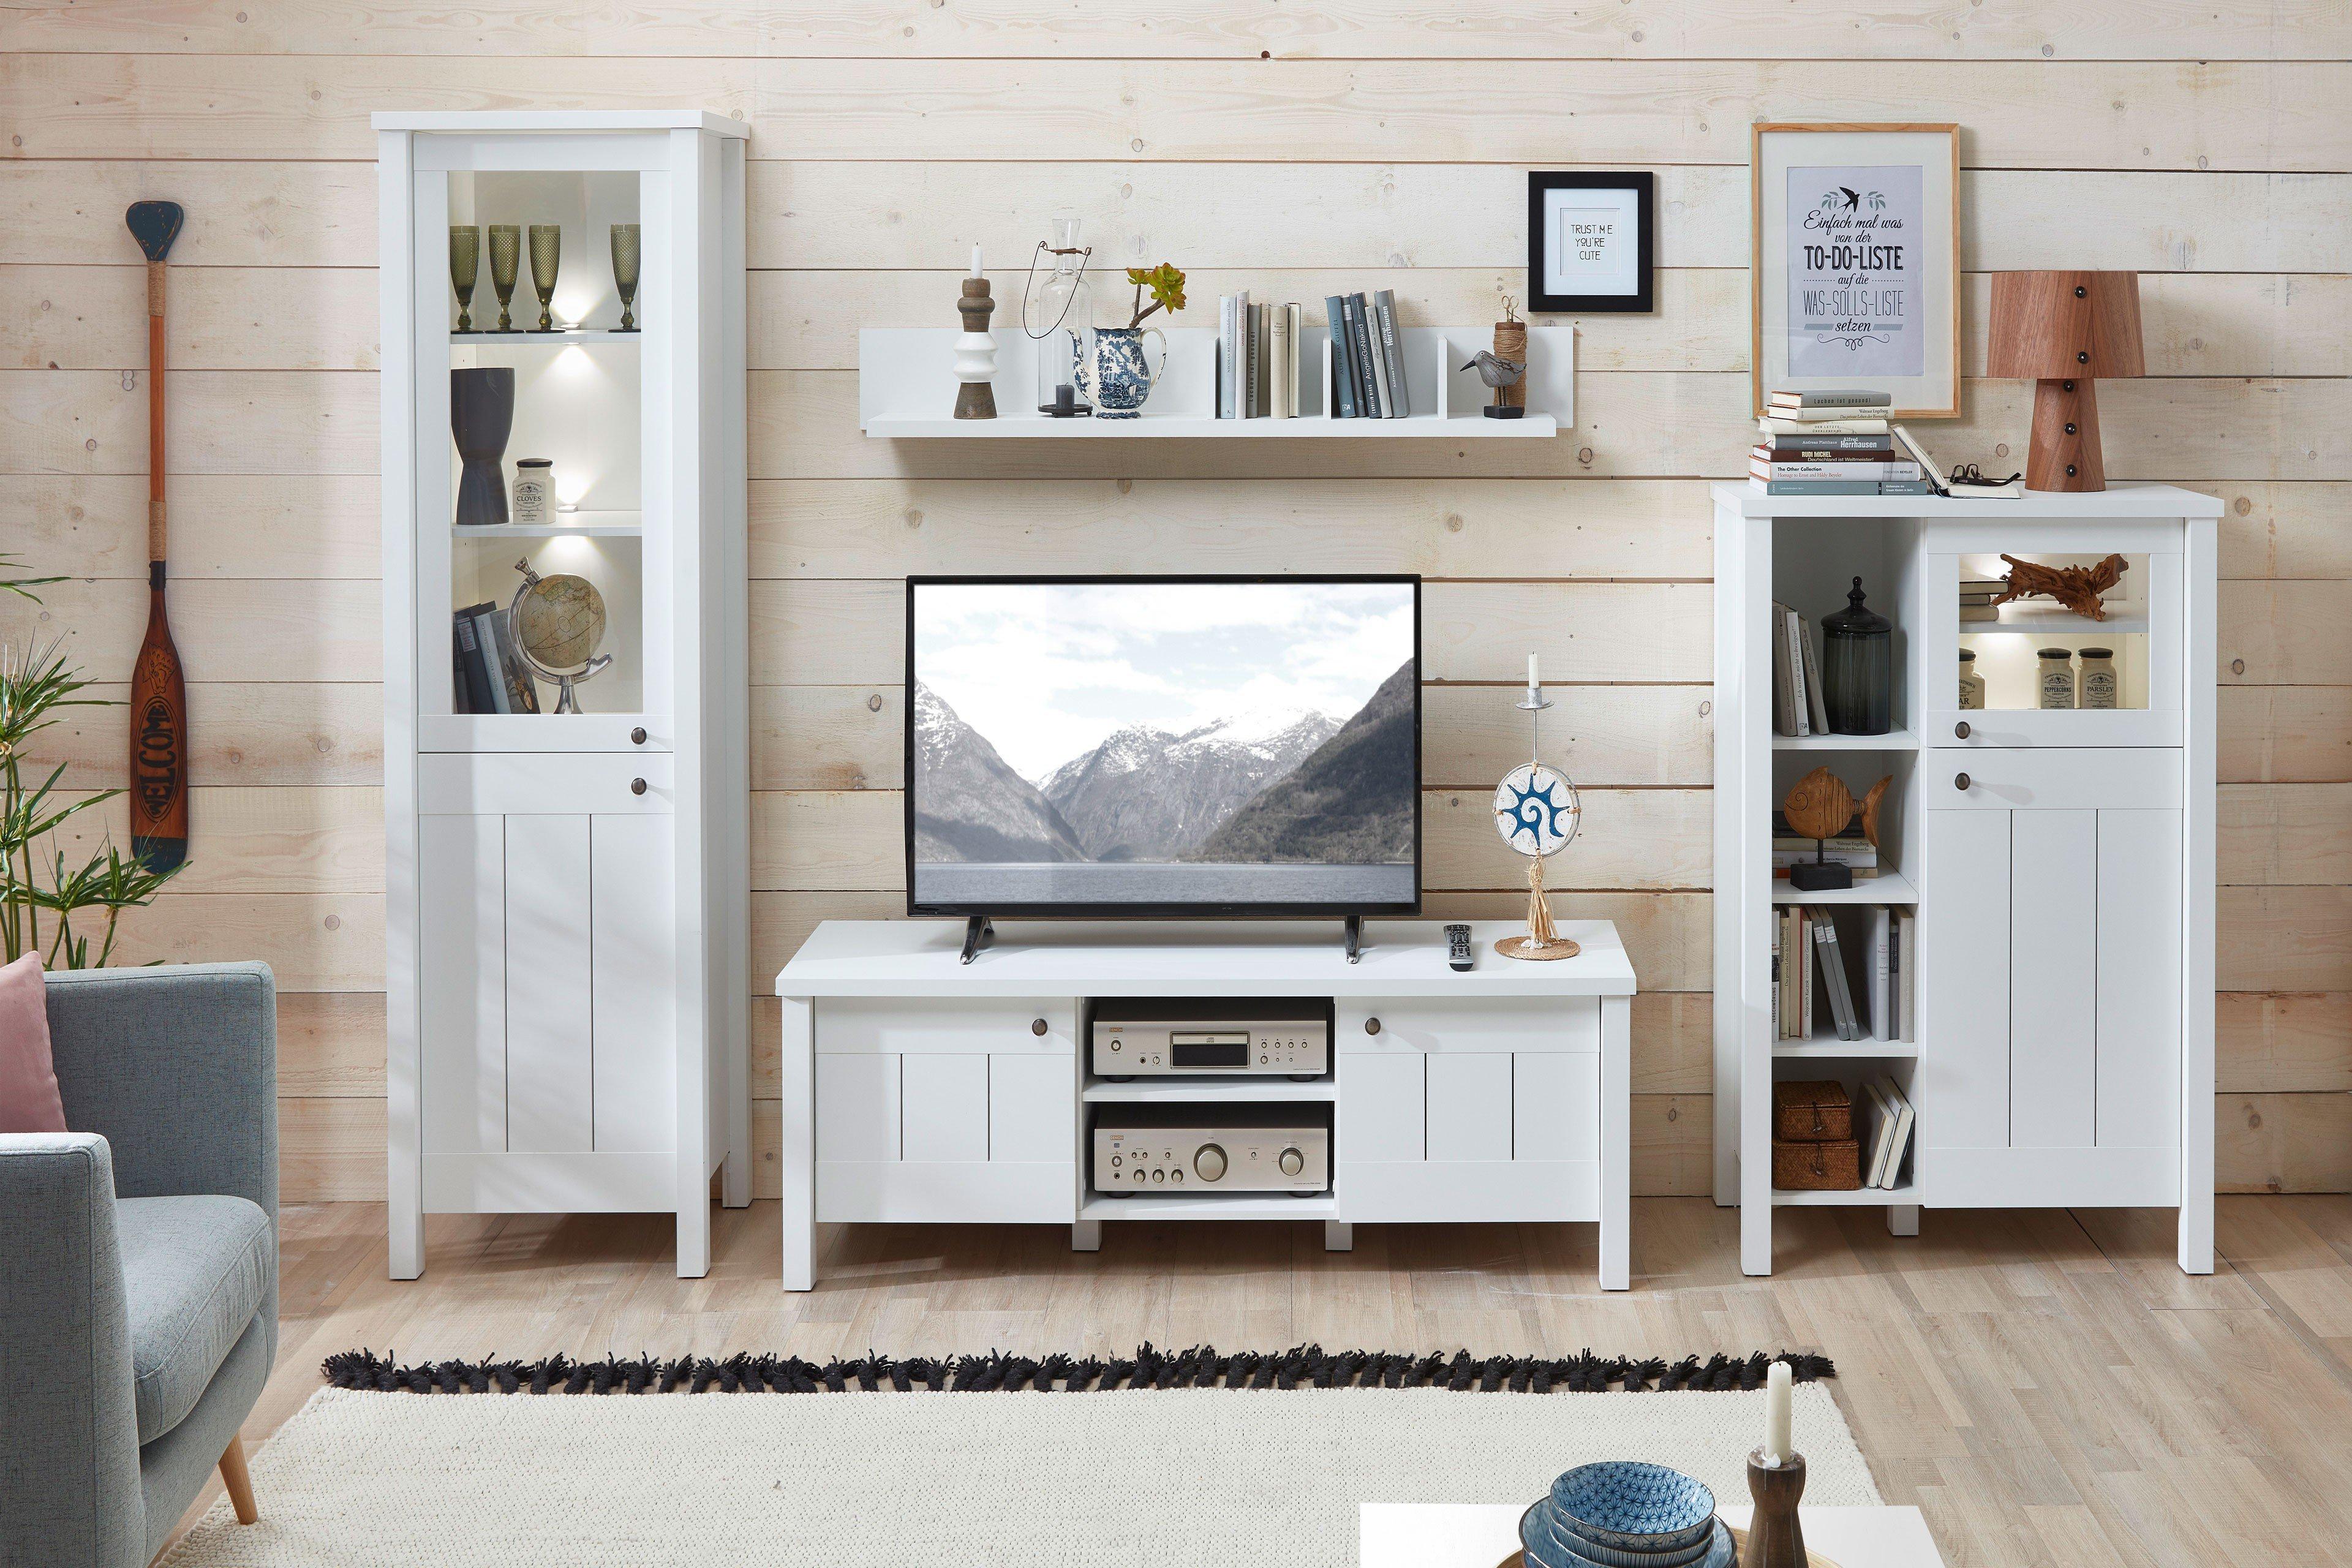 Wohnwand Weiss Planen : Innostyle wohnwand siena weiß supermatt möbel letz ihr